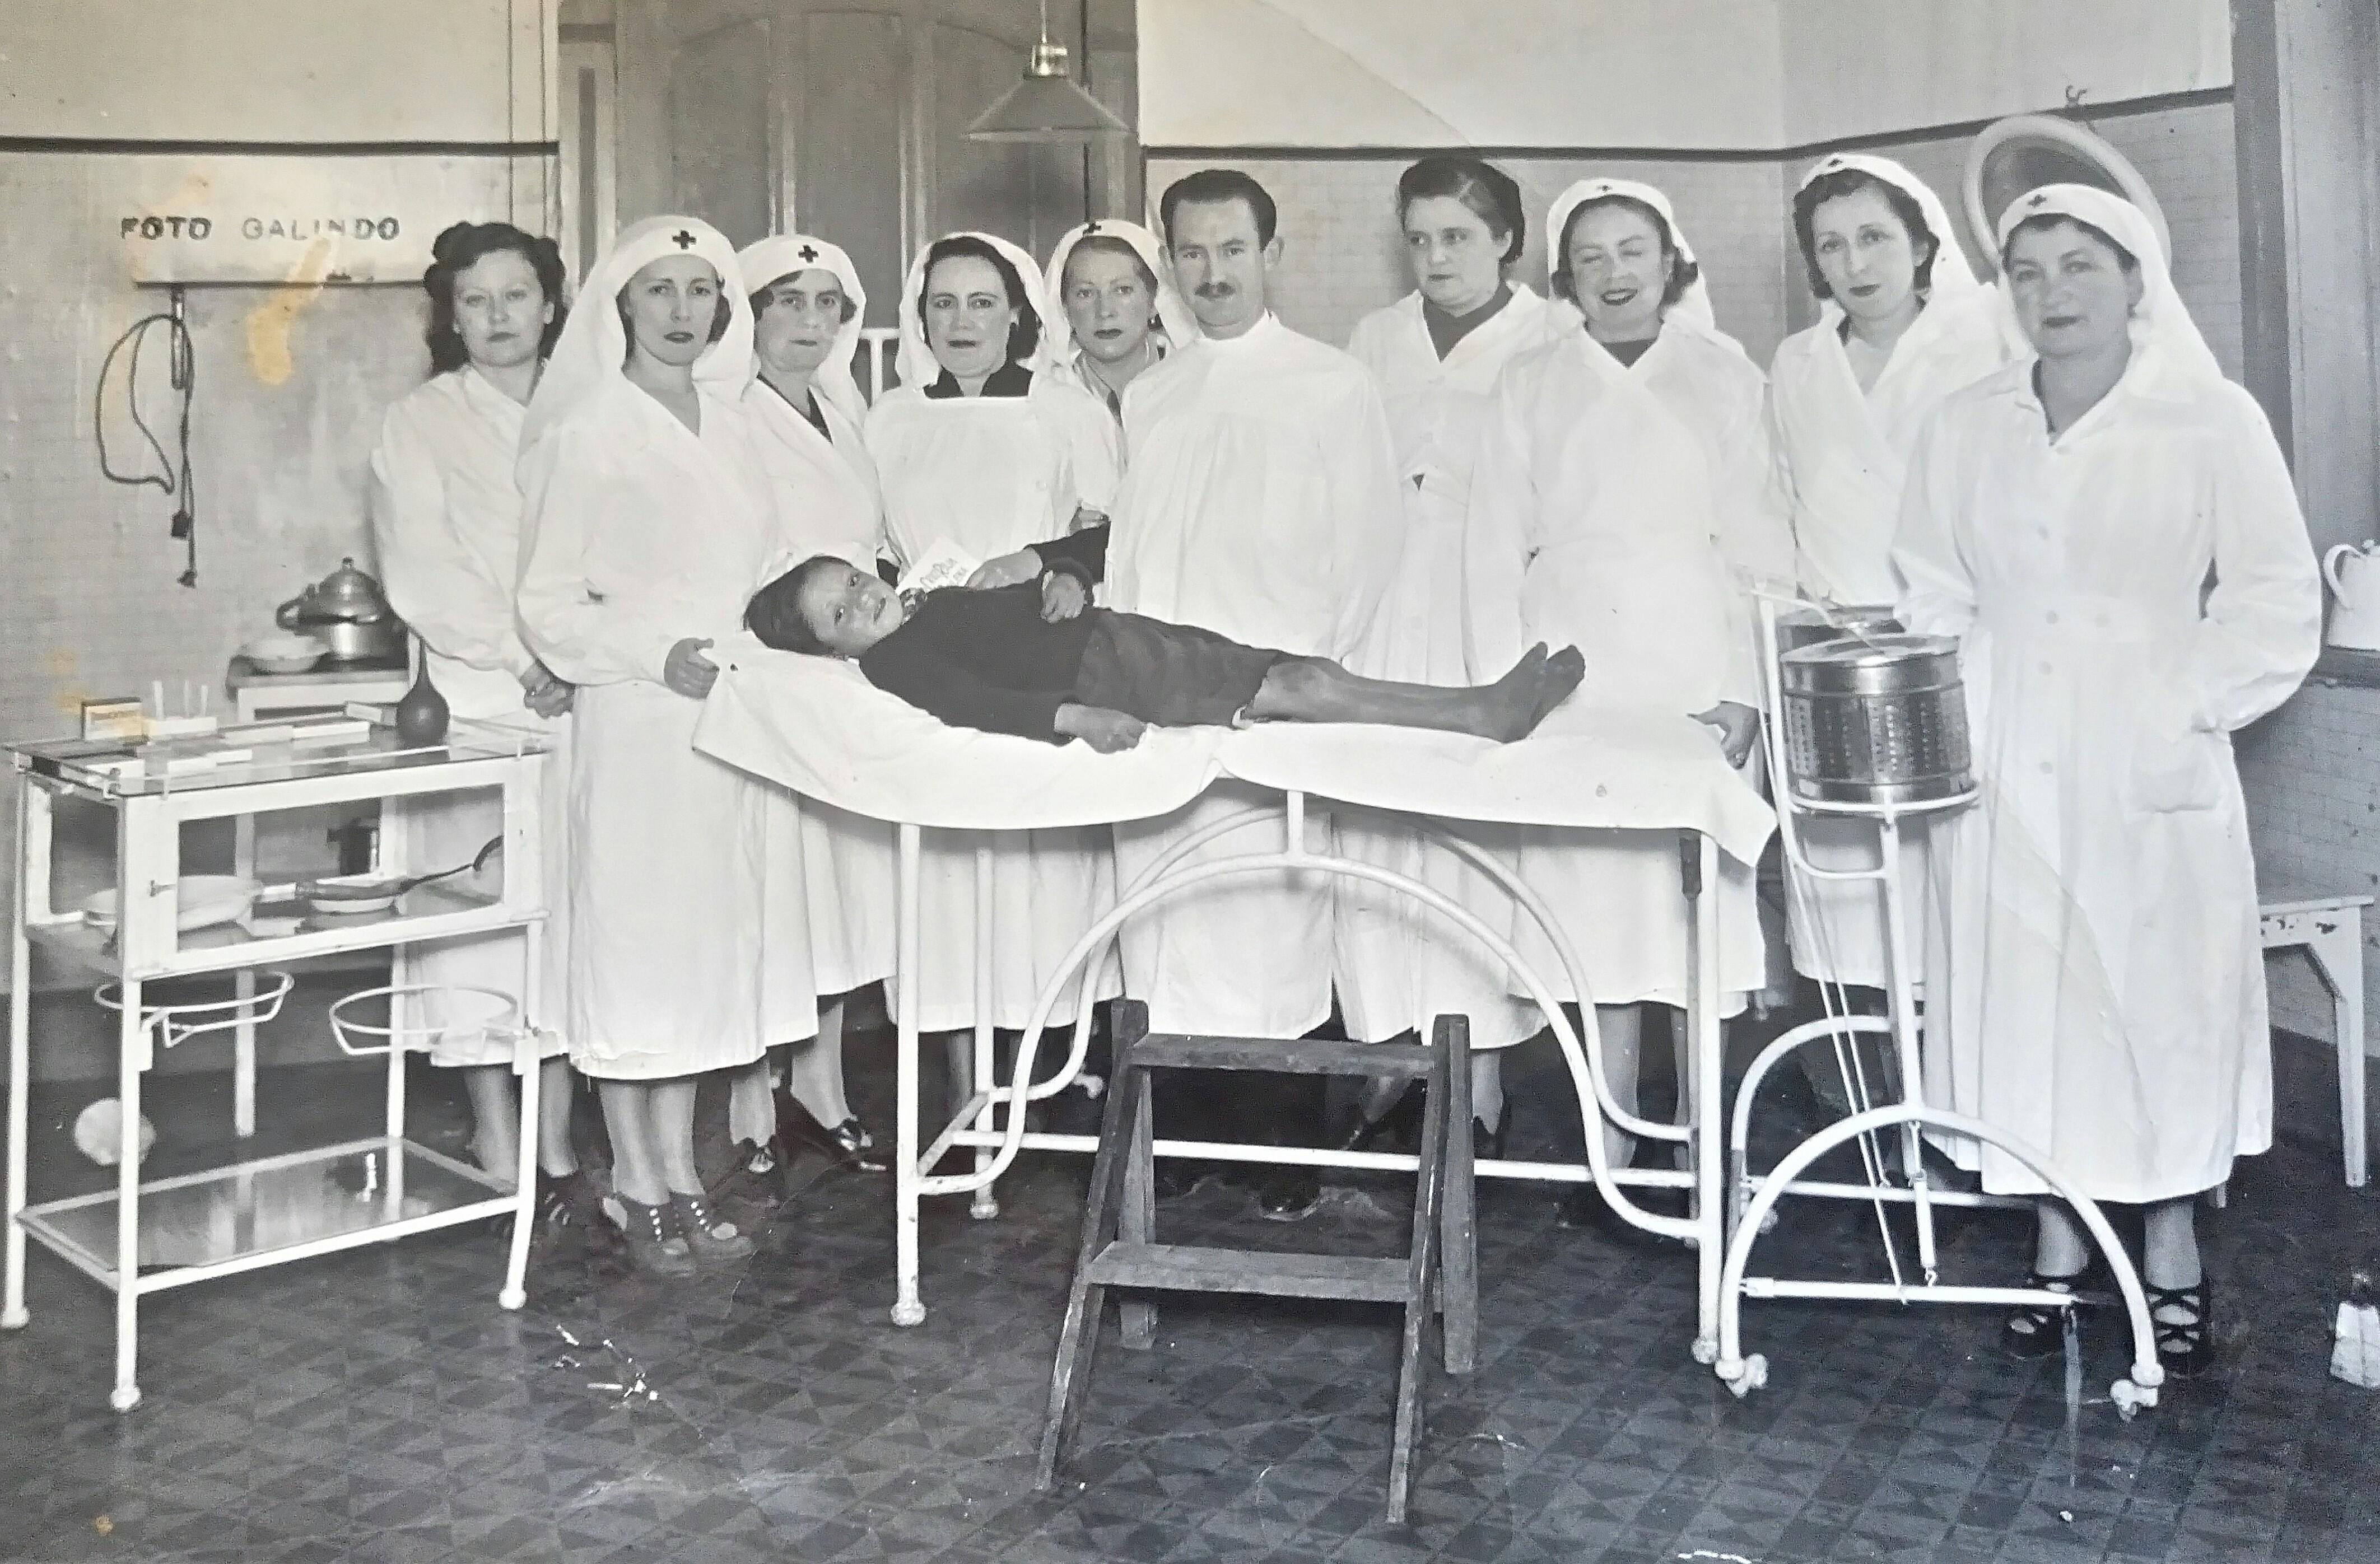 Enterreno - Fotos históricas de chile - fotos antiguas de Chile - Hospital desconocido de Valdivia en 1940